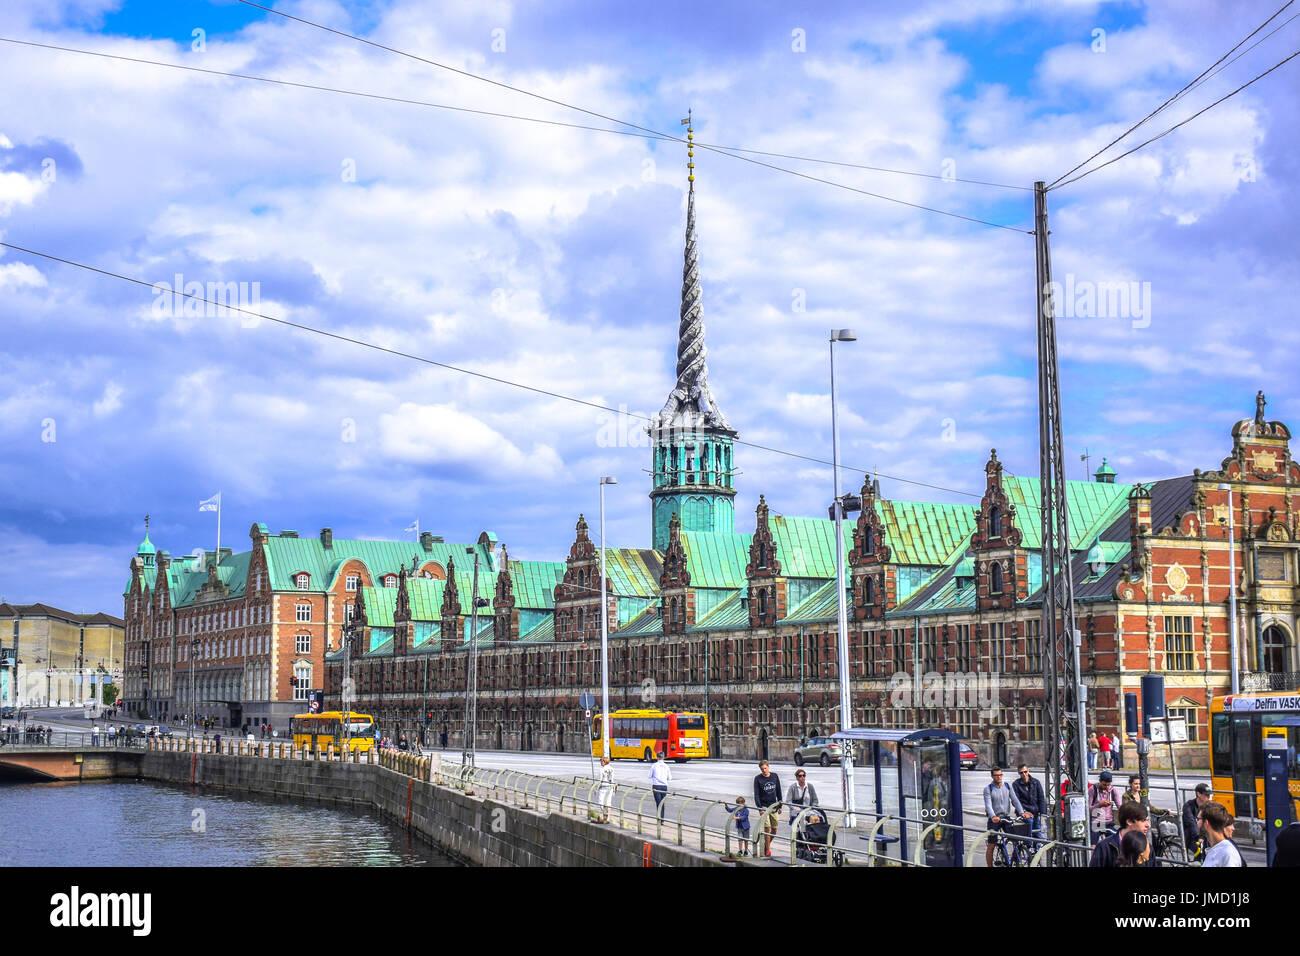 COPENHAGEN, DENMARK - JULY 20: Borsen, The Stock Exchange built in 17th century located in the center of Copenhagen - Stock Image